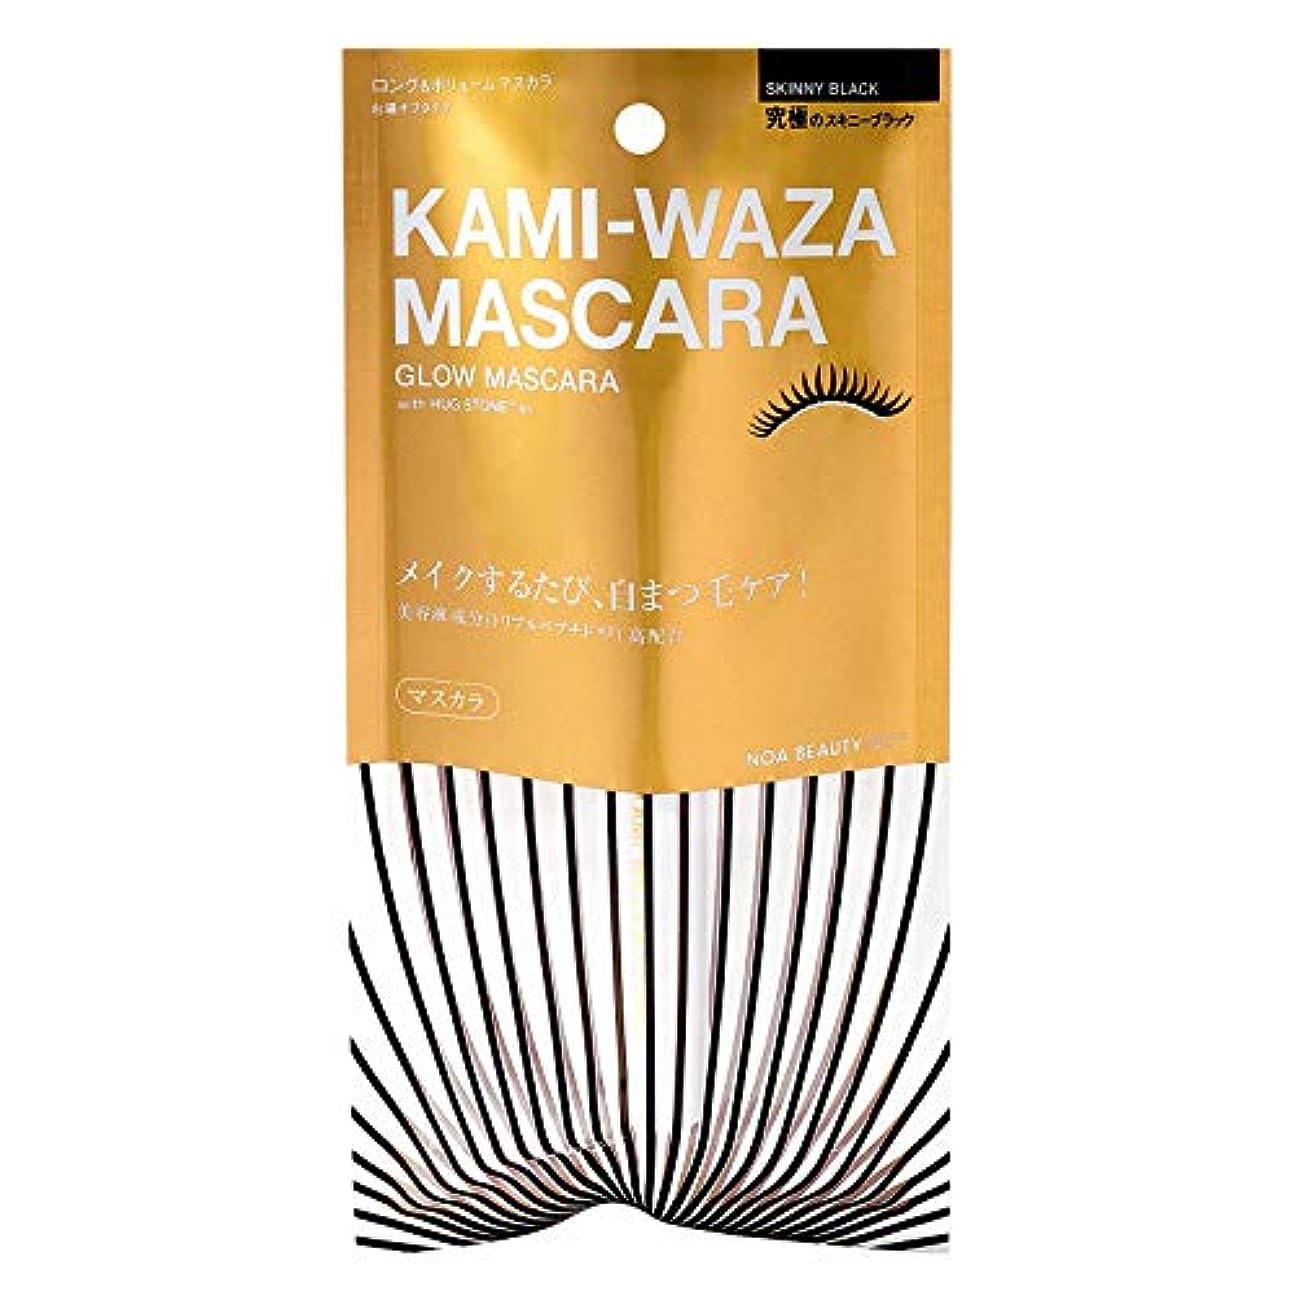 保守可能受ける助言KAMI-WAZA(カミワザ) MASCARA 〈美容マスカラ〉 KWM01 (8g)